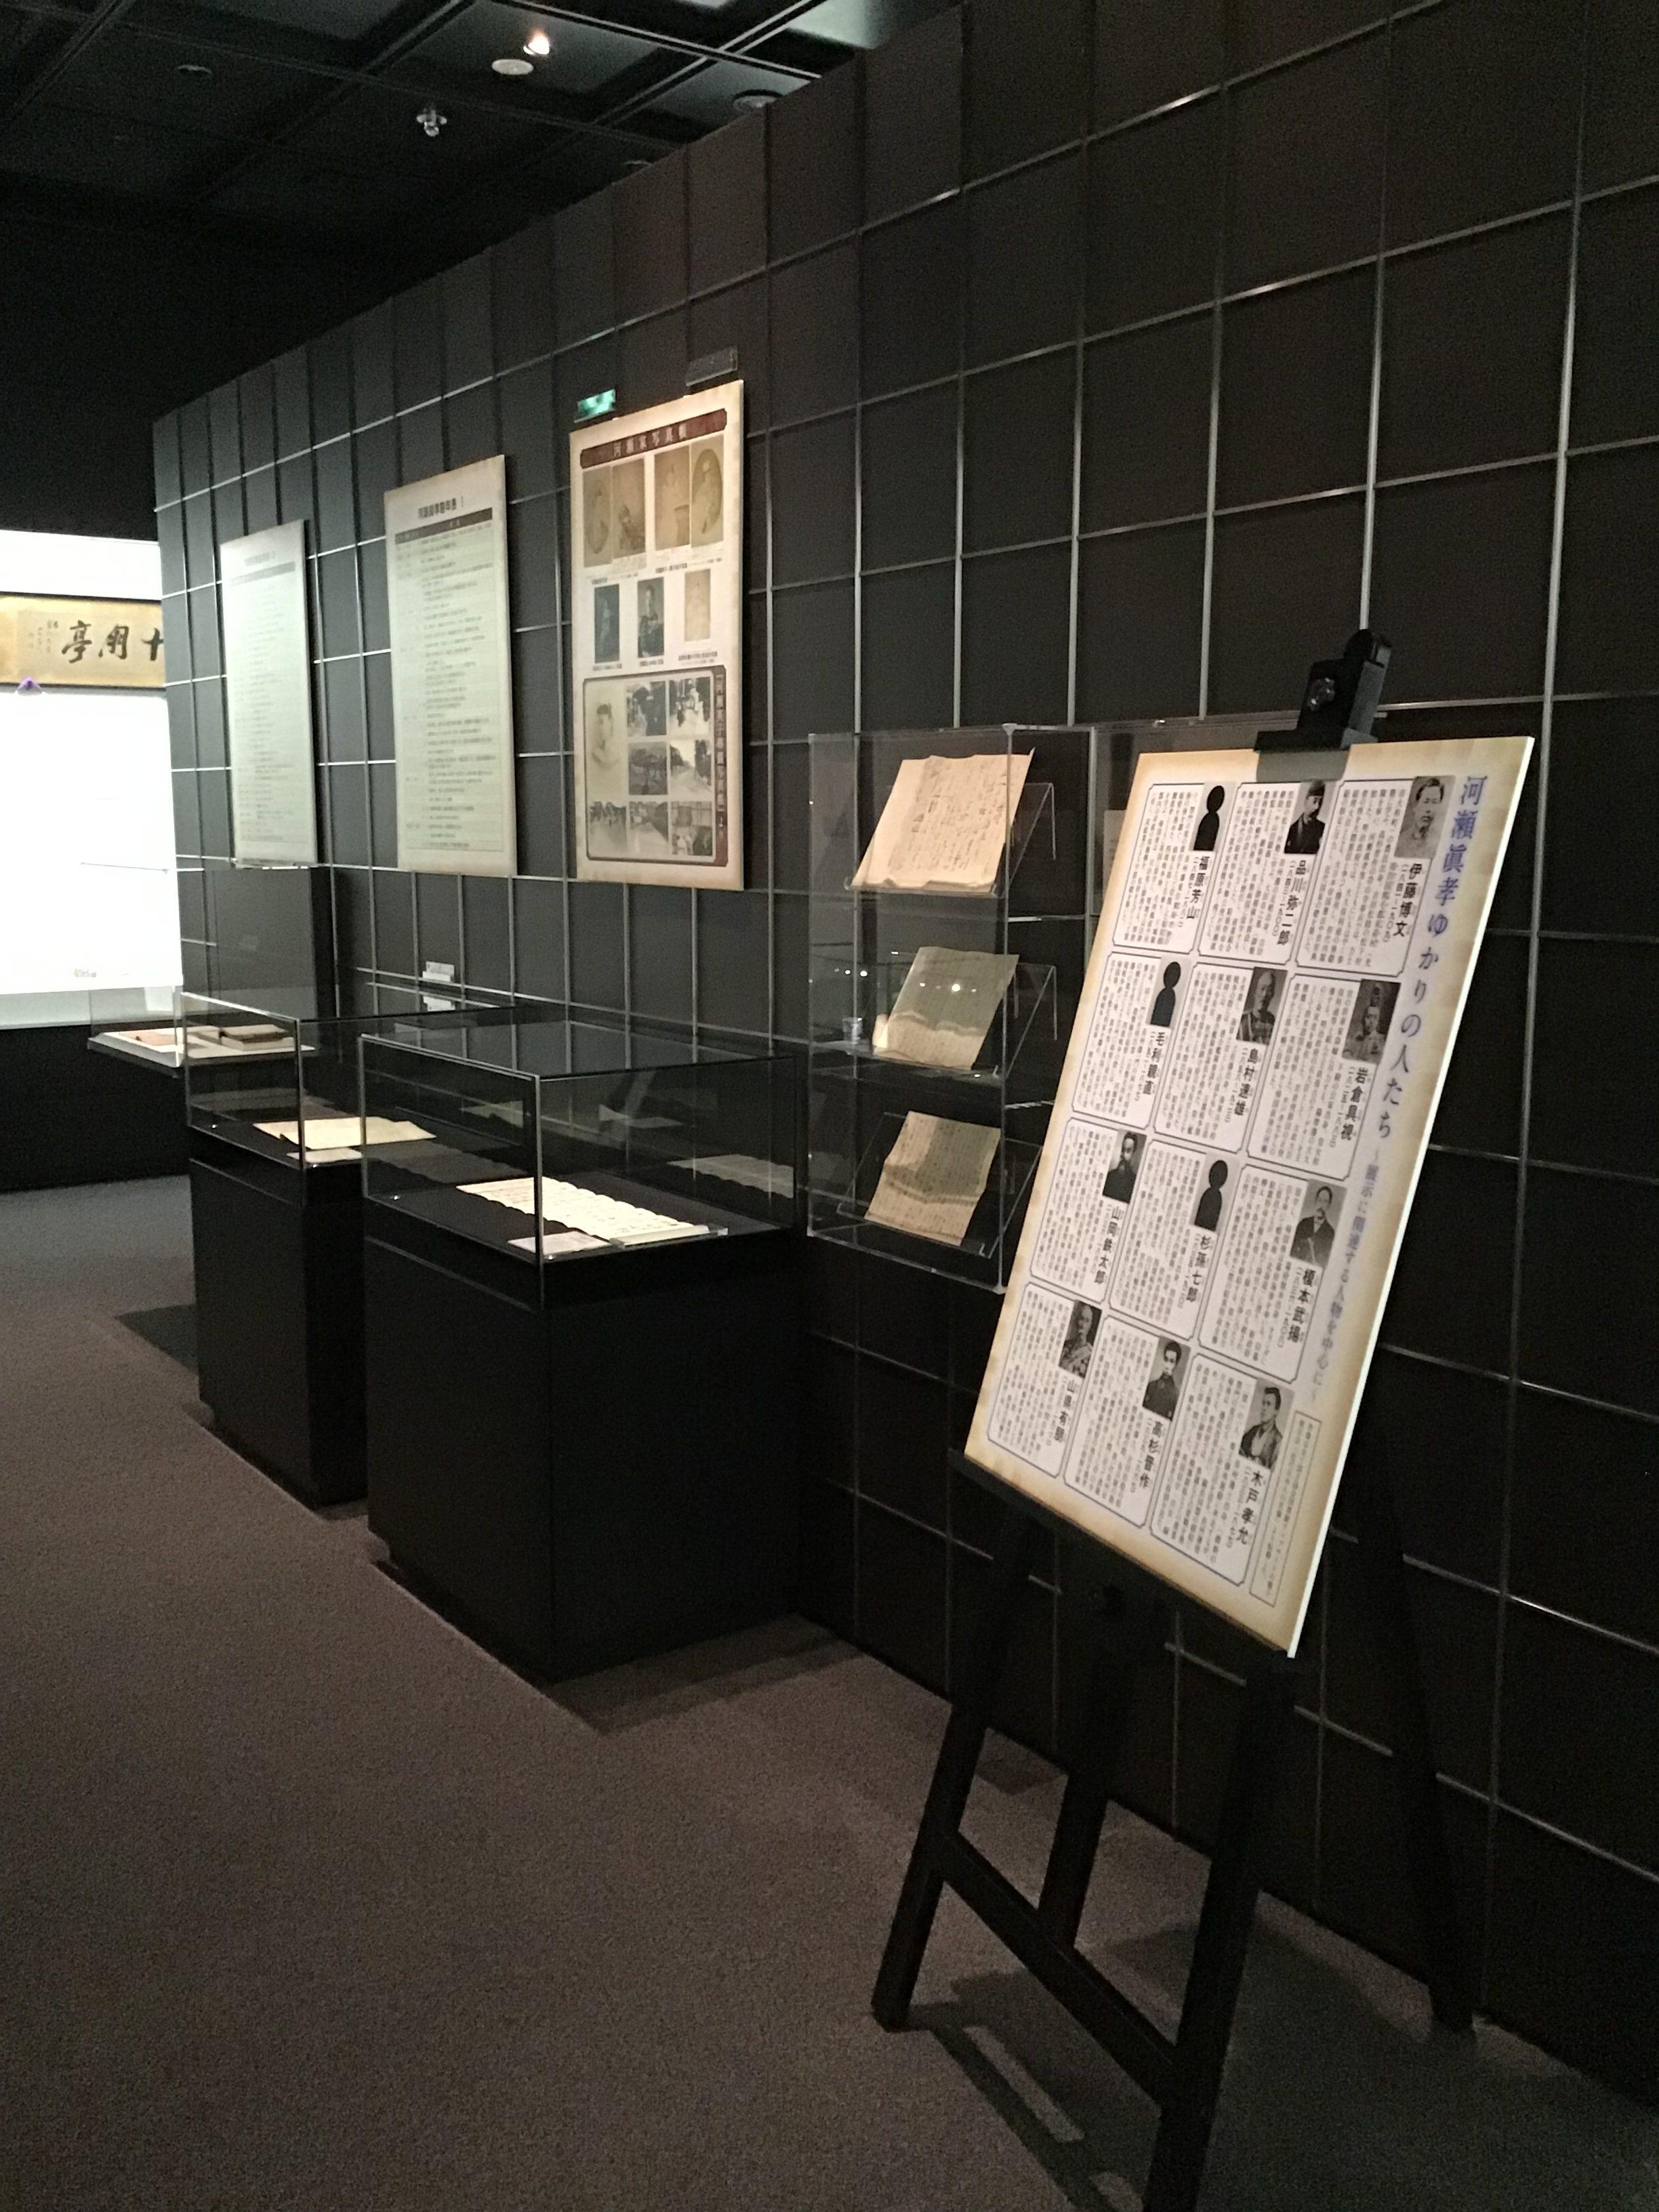 画像:十朋亭維新館 企画展「遊撃隊総督・河瀬眞孝の生涯」の関連イベントを開催します